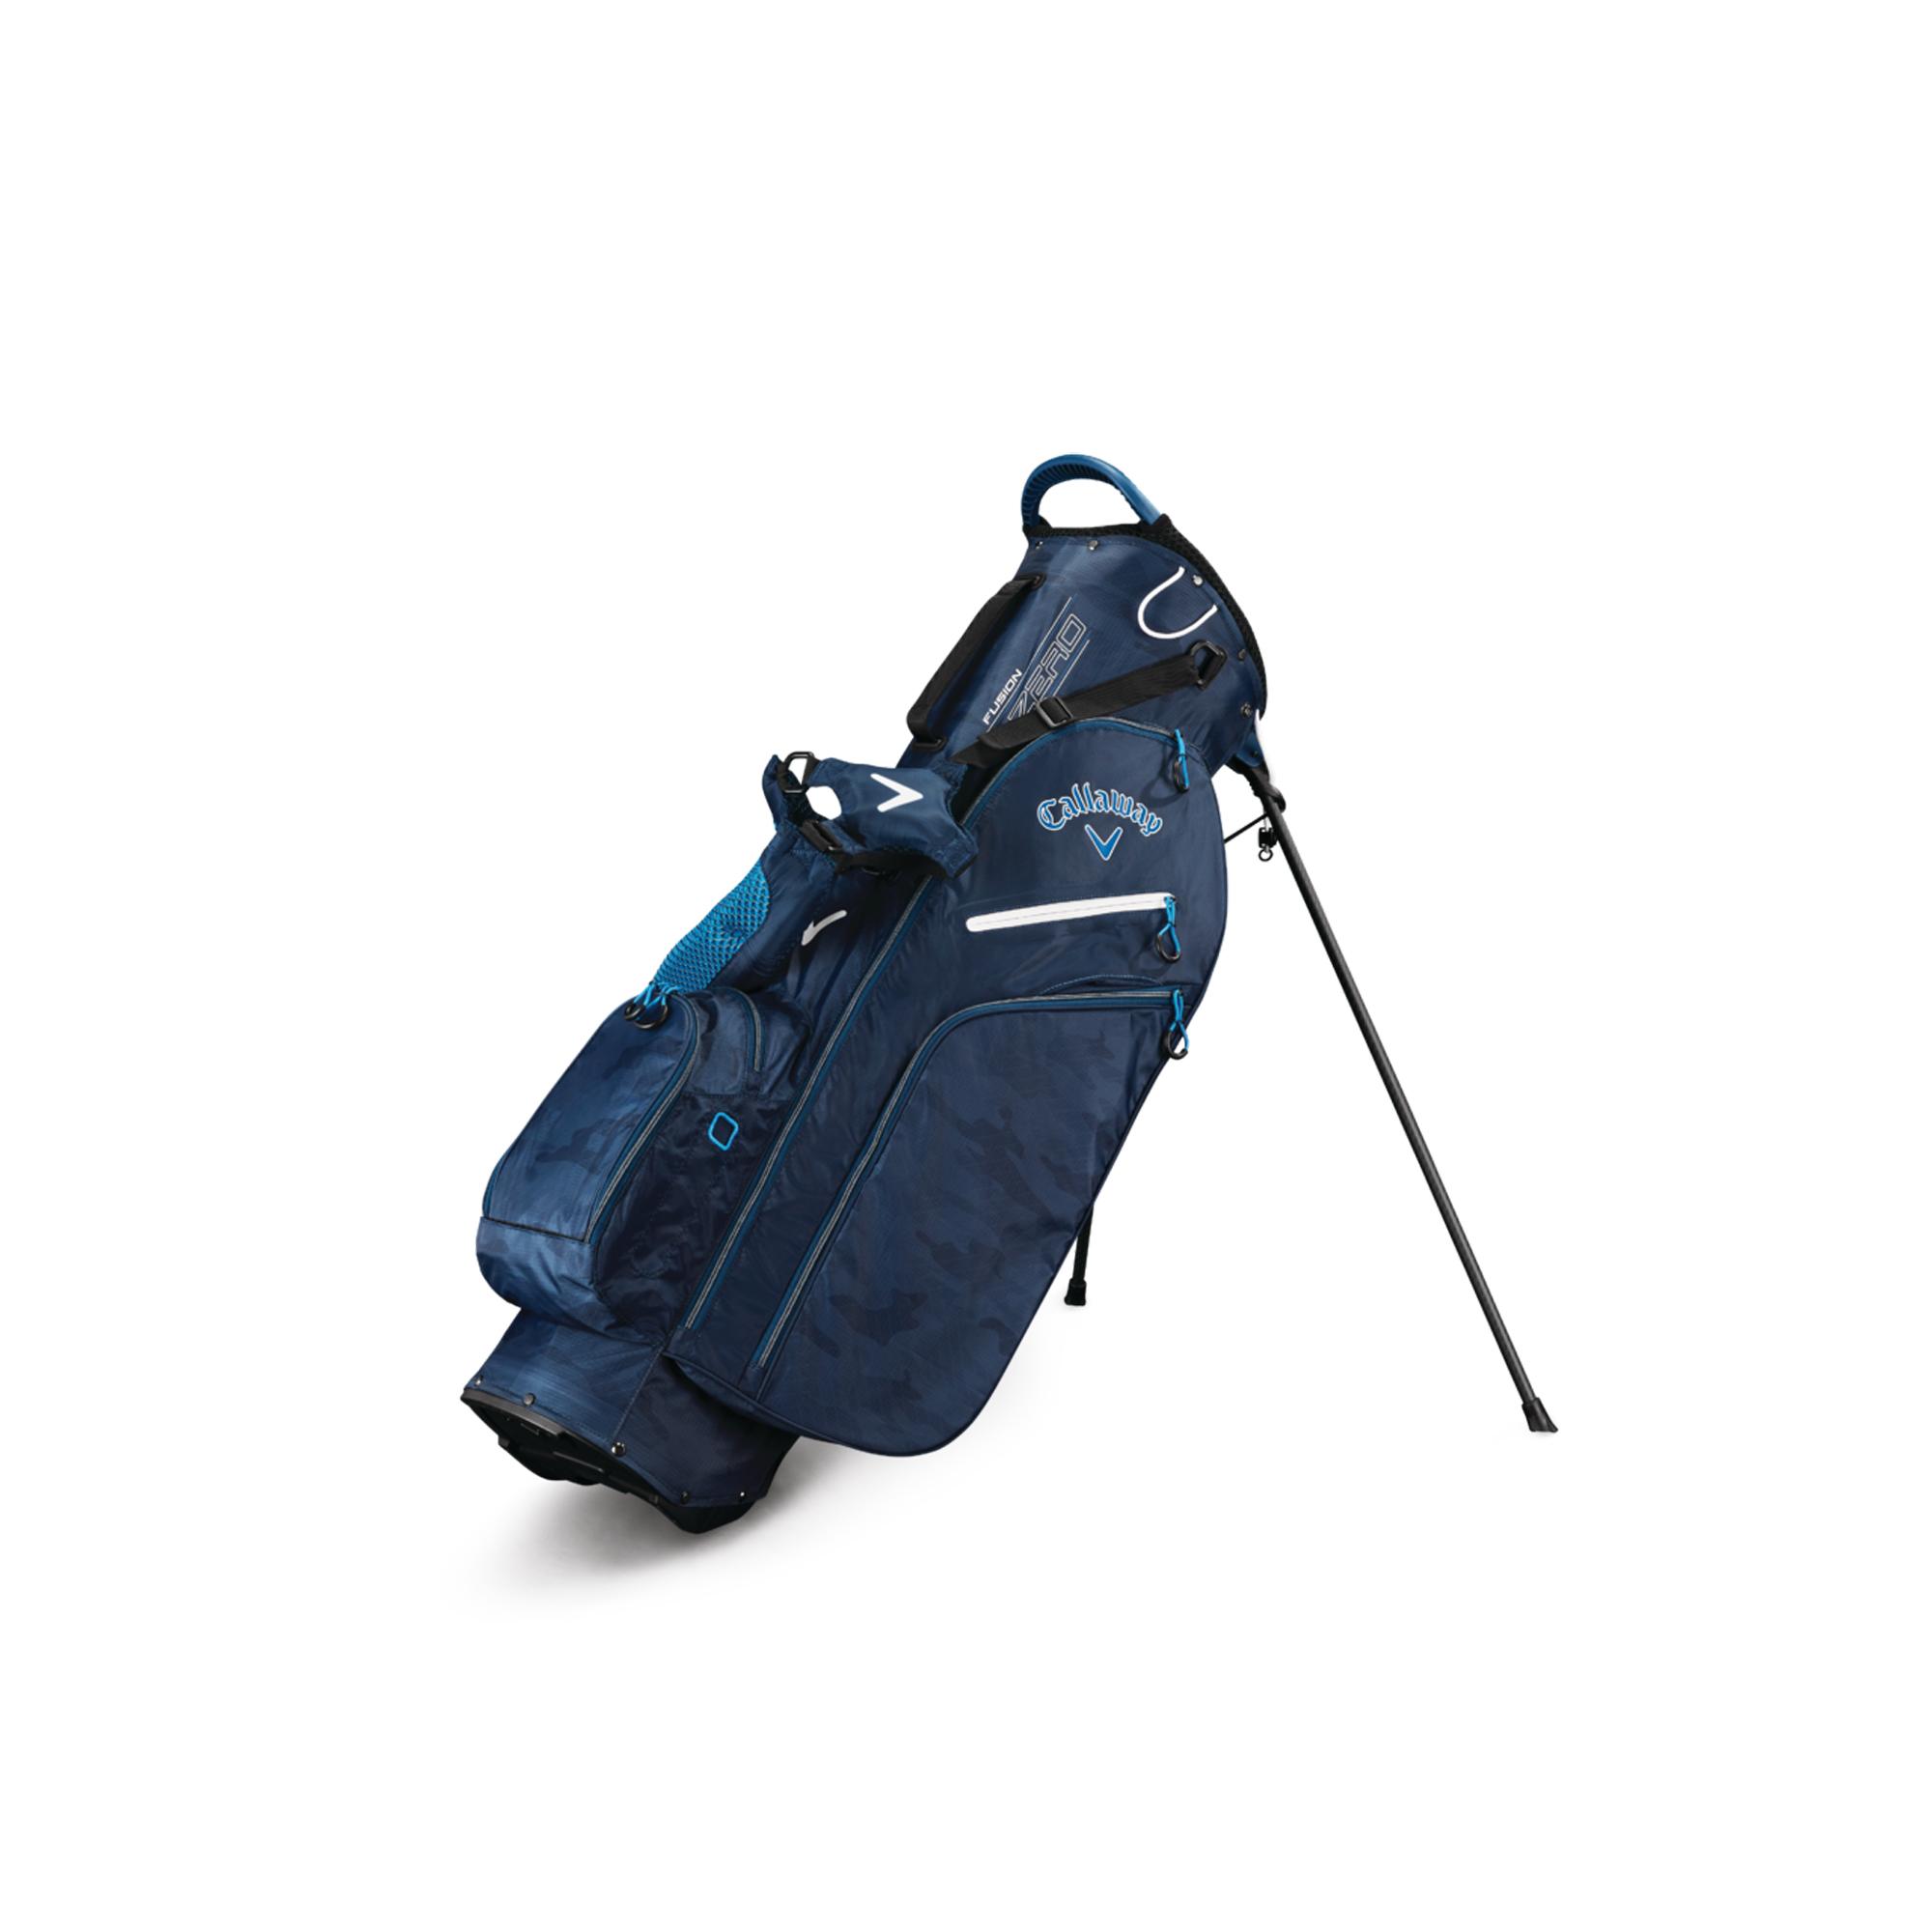 Callaway Fusion Zero Golf Stand Bag Navy Camo